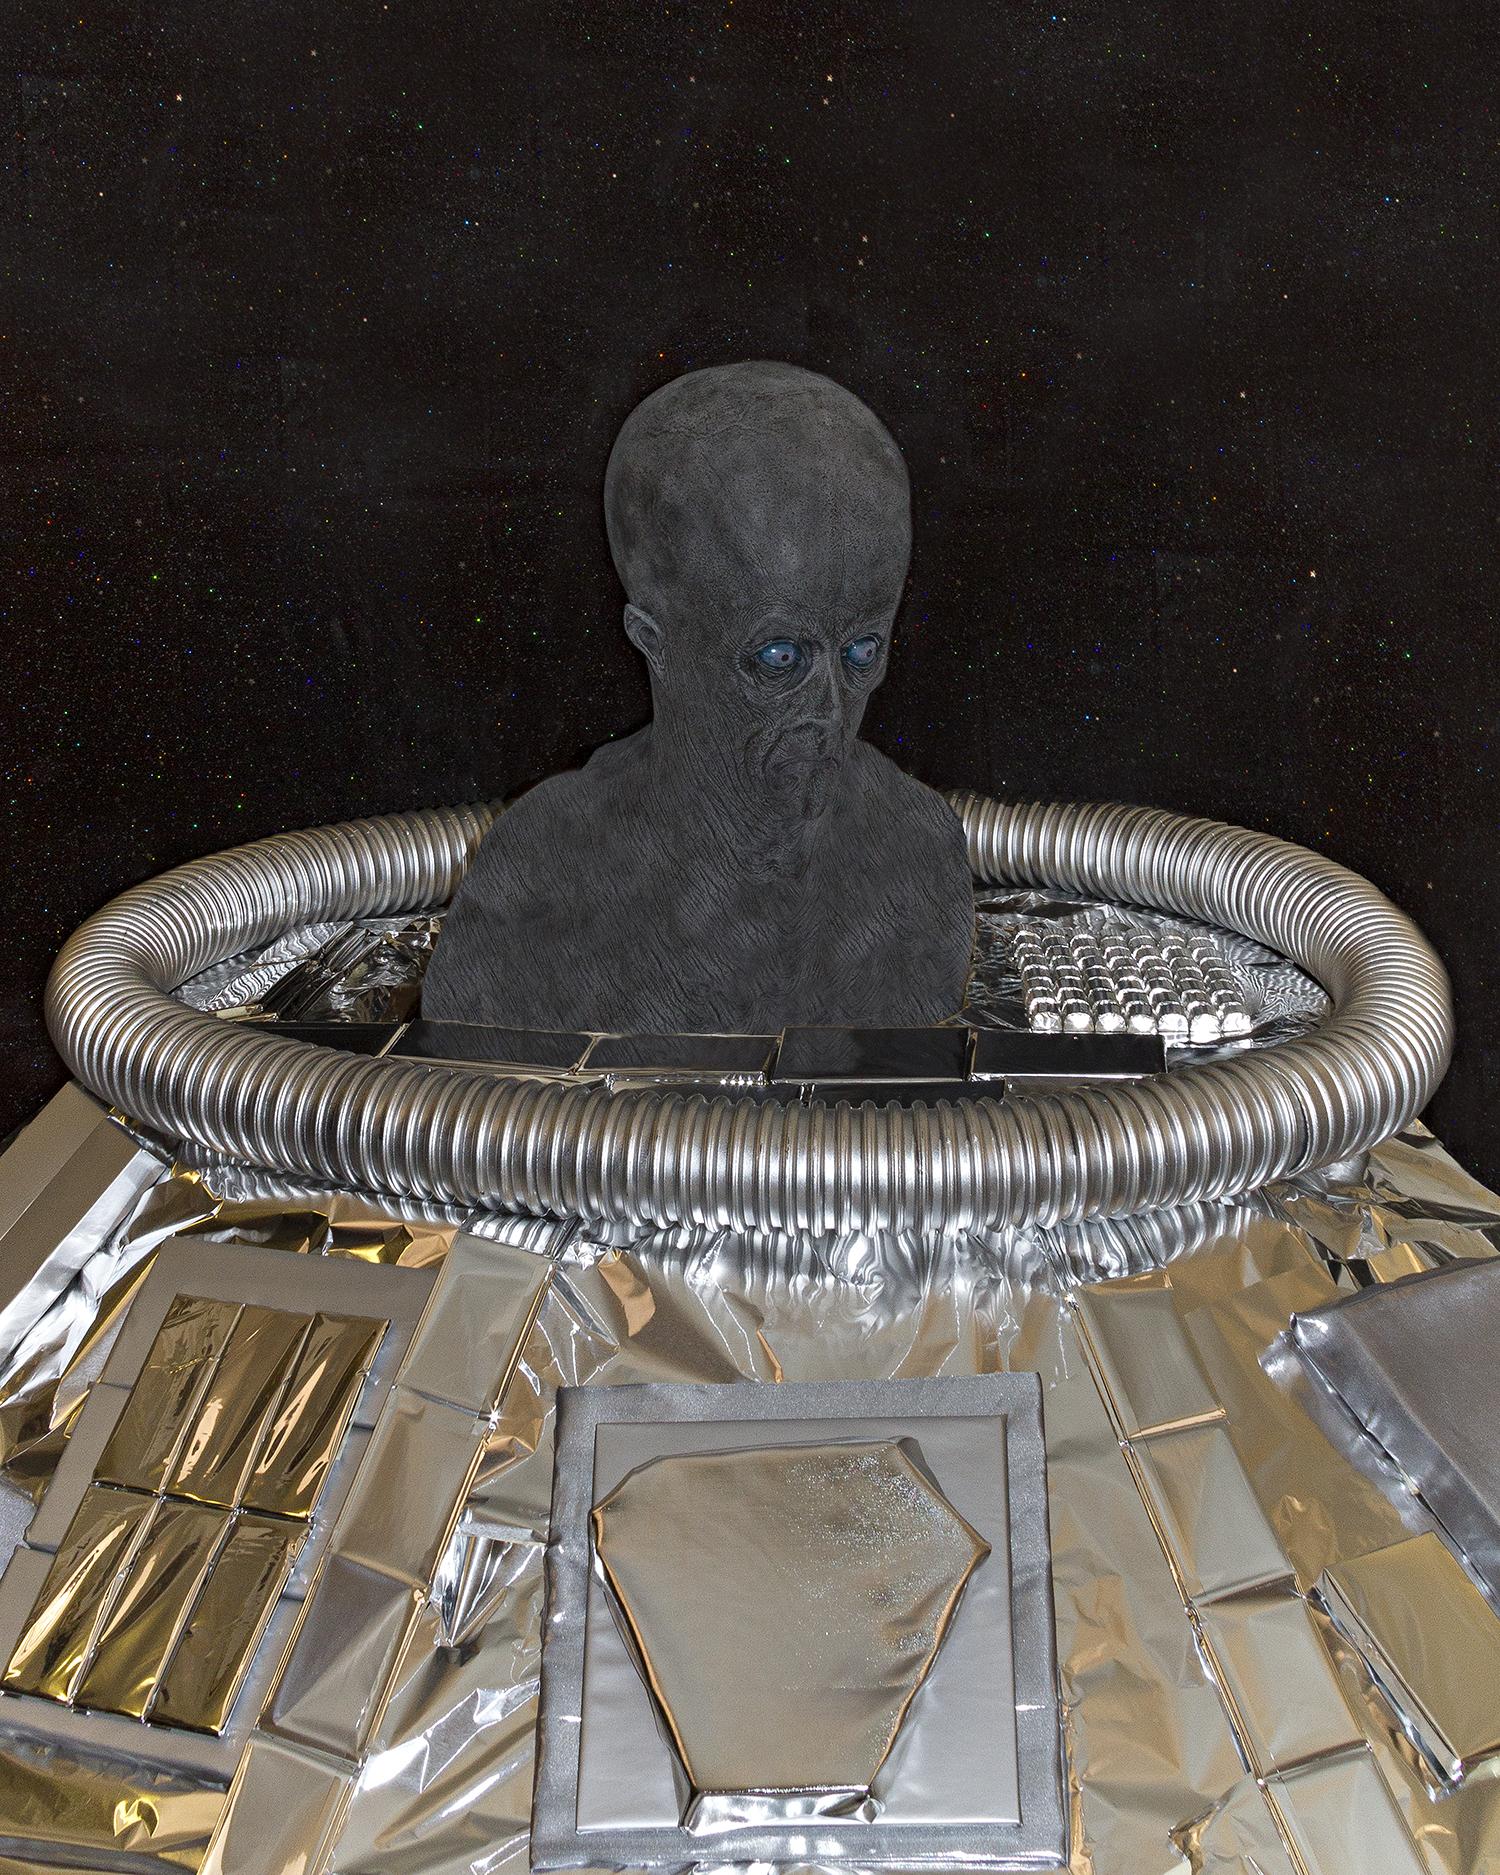 alien in tower or spacecraft one.jpg